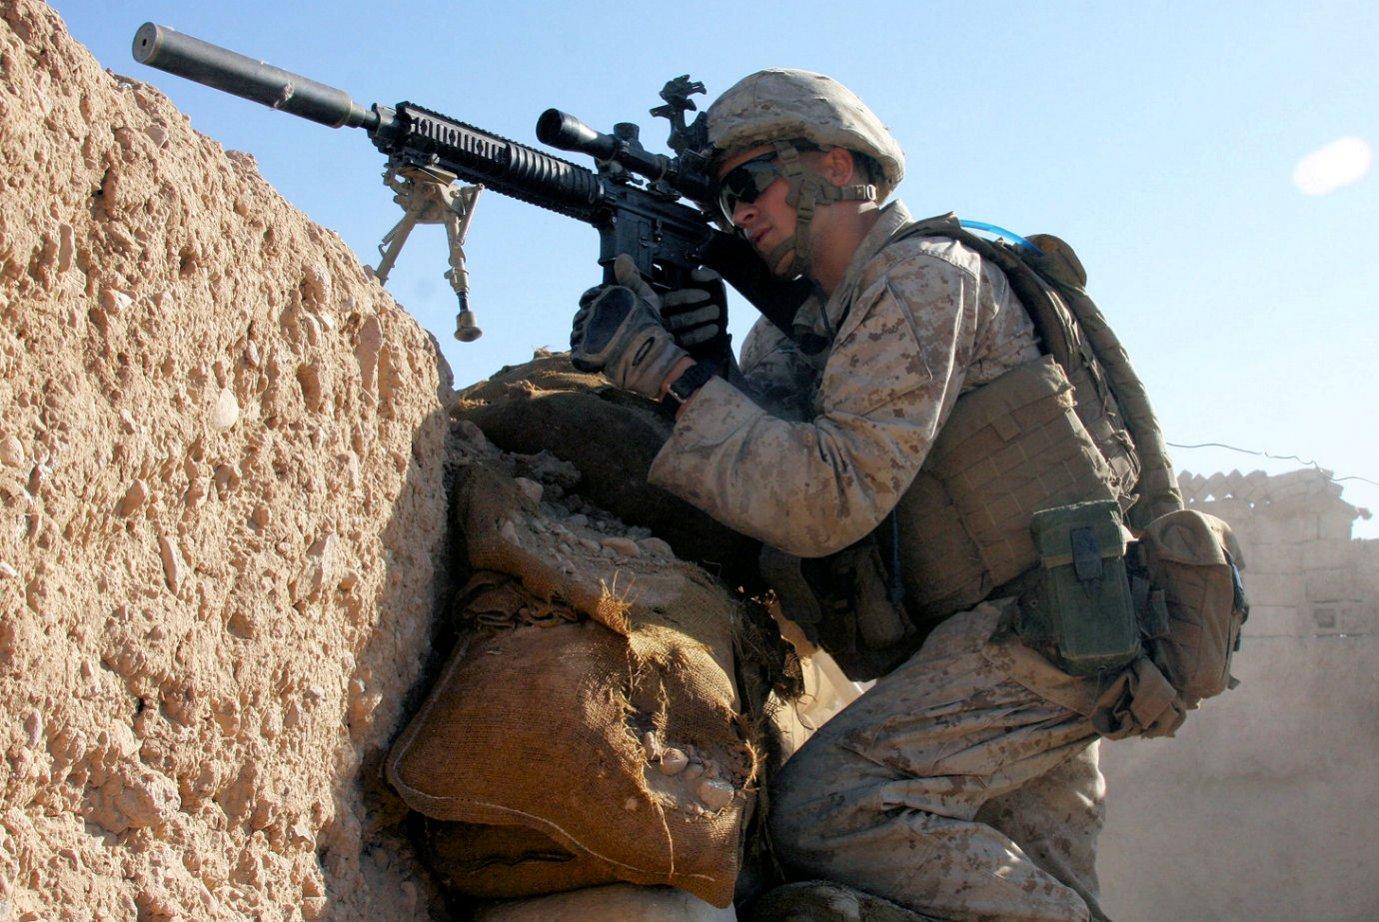 Click image for larger version.  Name:Lance Cpl Steven J Zandstra Nov 1 2010 Sangin Afghanistan.jpg Views:71 Size:274.2 KB ID:448554